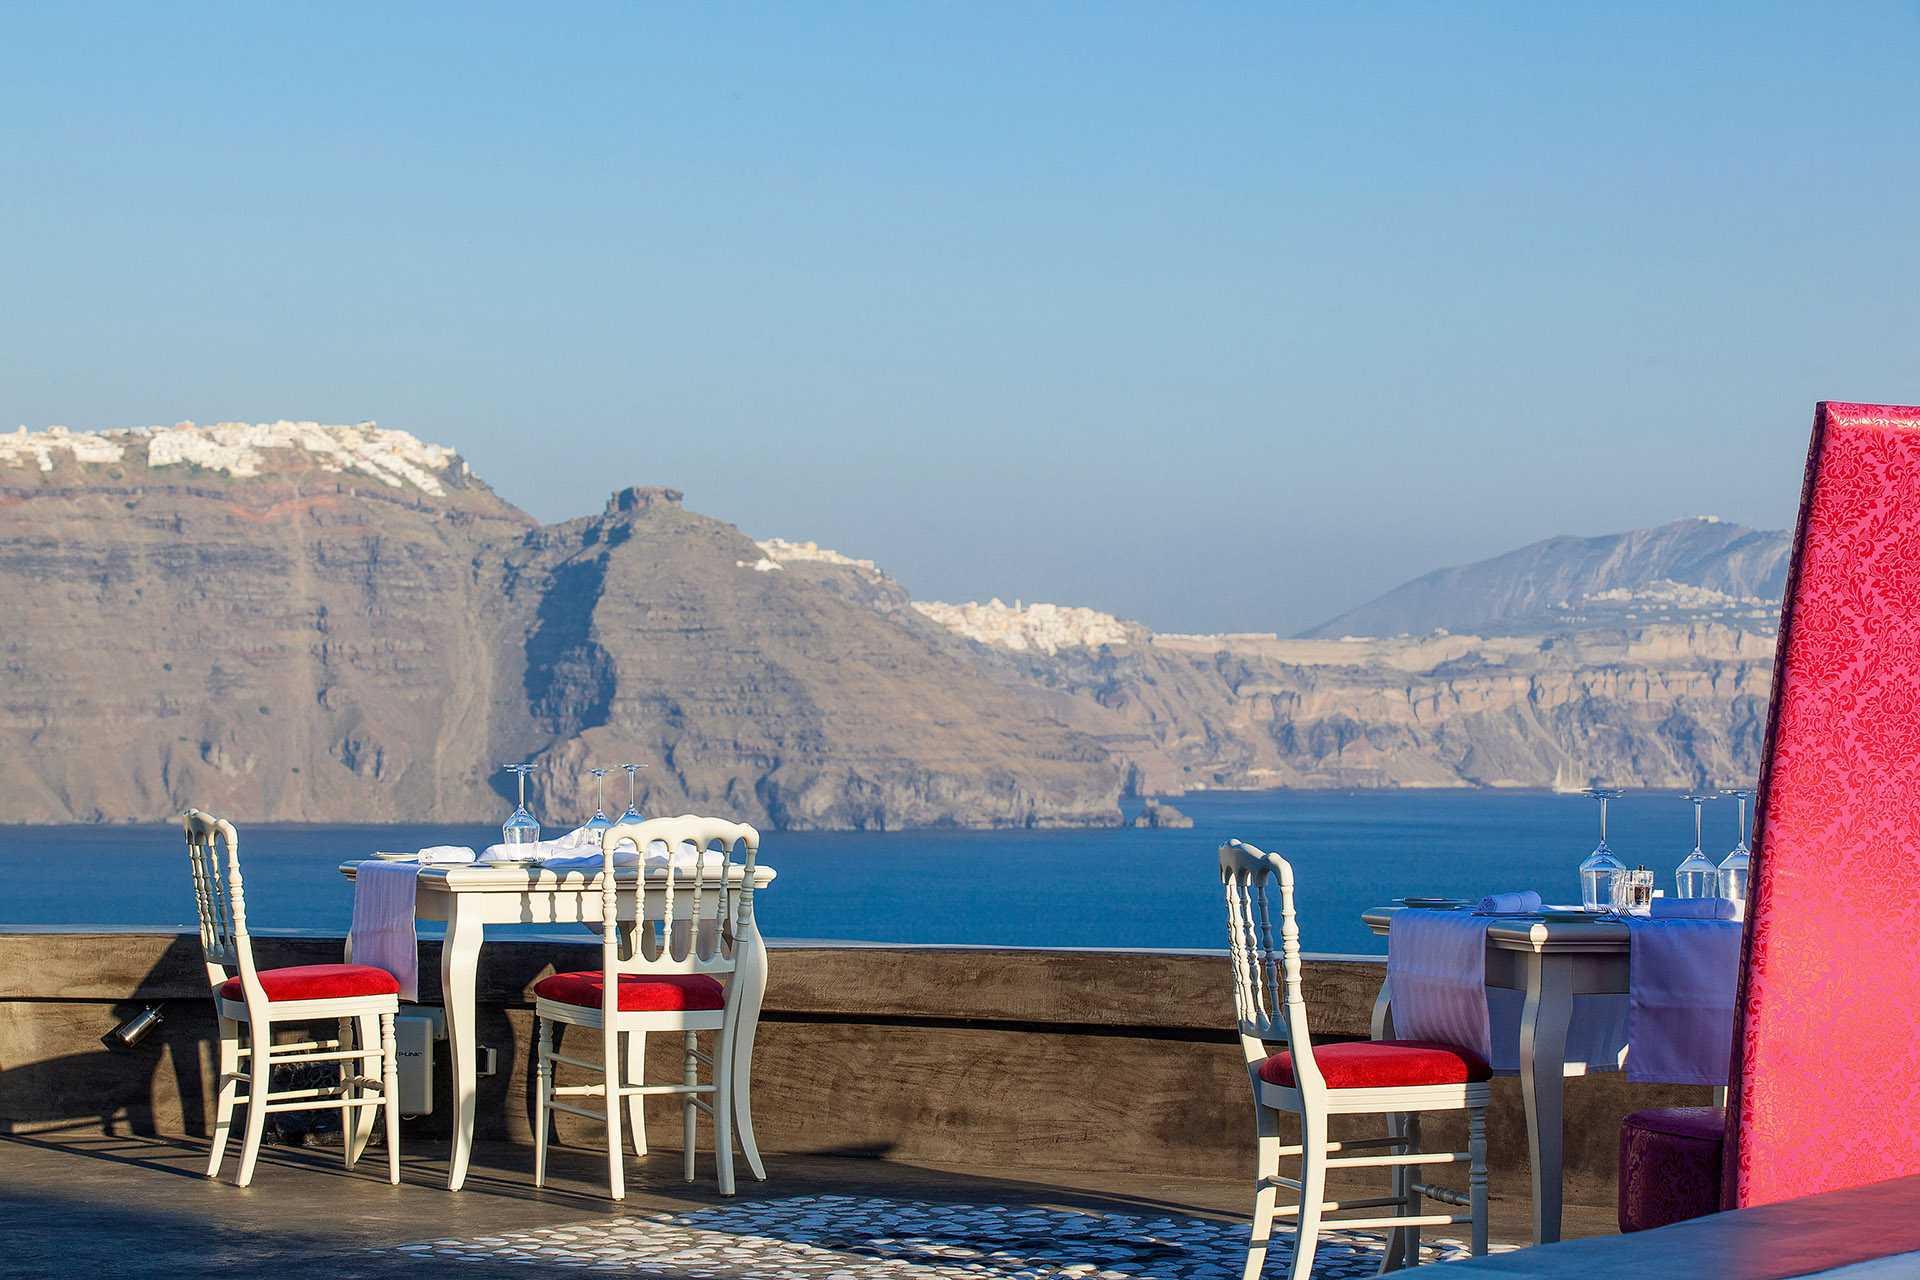 Tour da ilha de Santorini, com o sítio arqueológico de Akrotiri